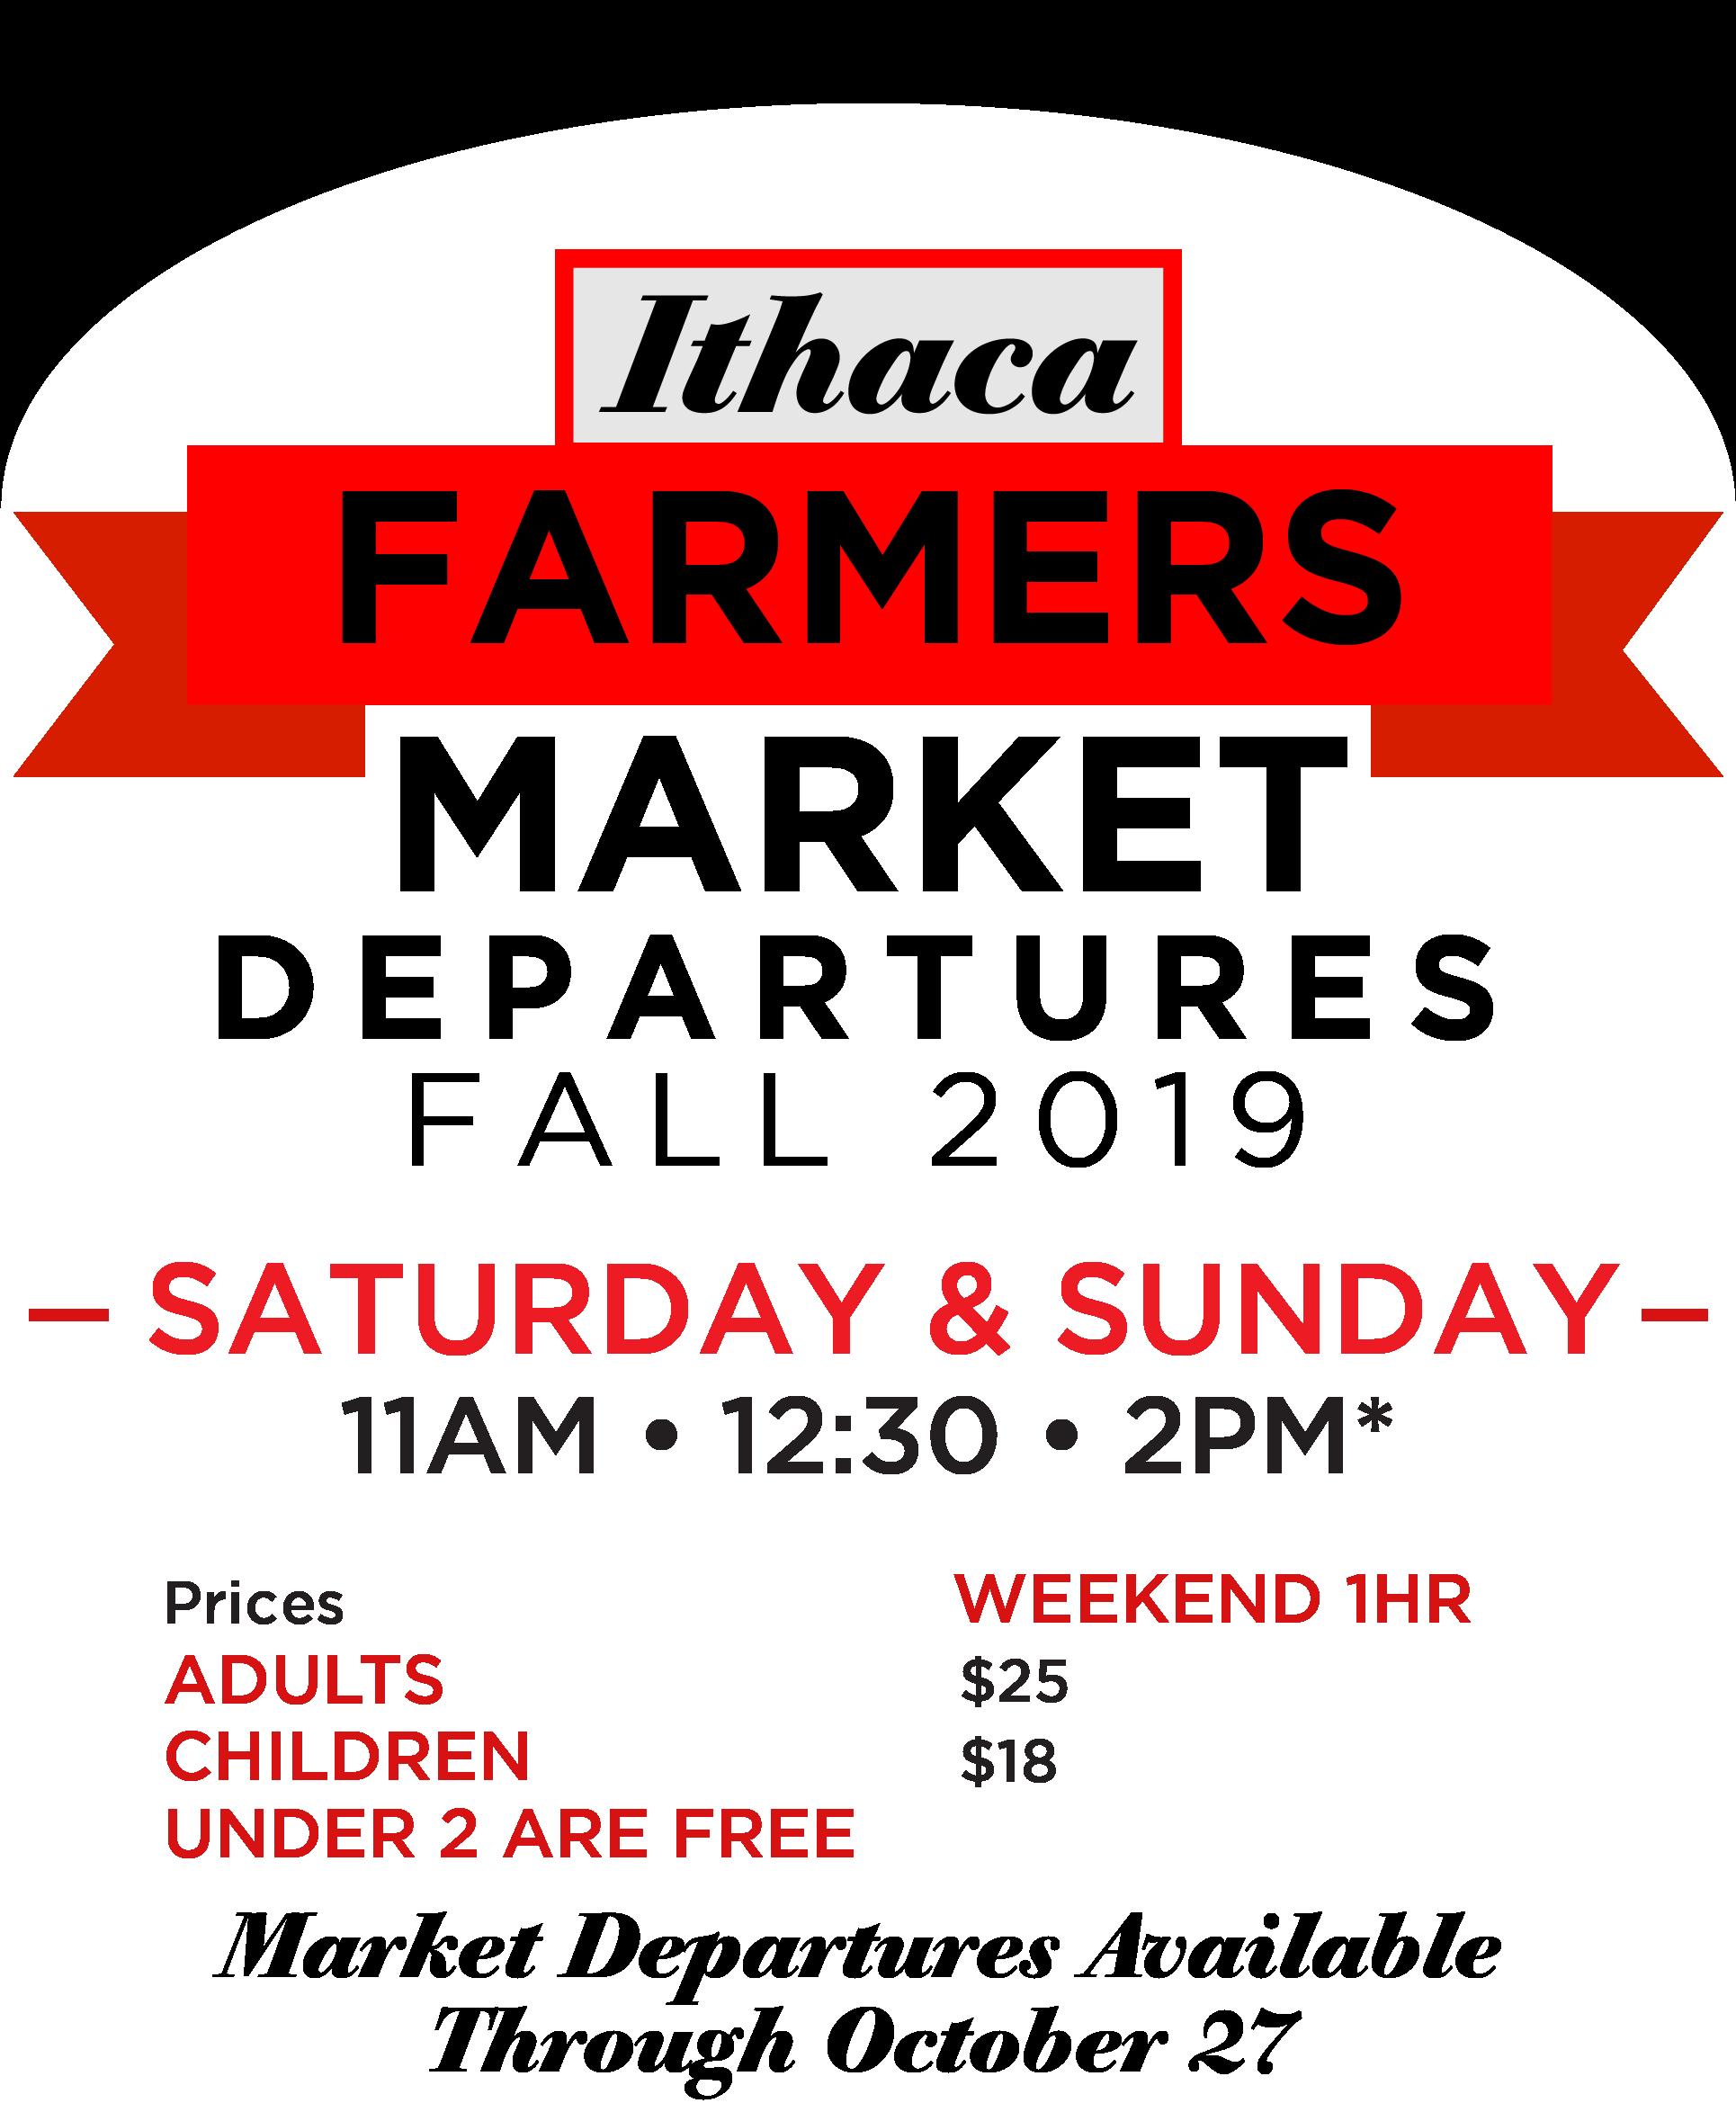 Ithaca Farmers Market Departures, 2019 Schedule